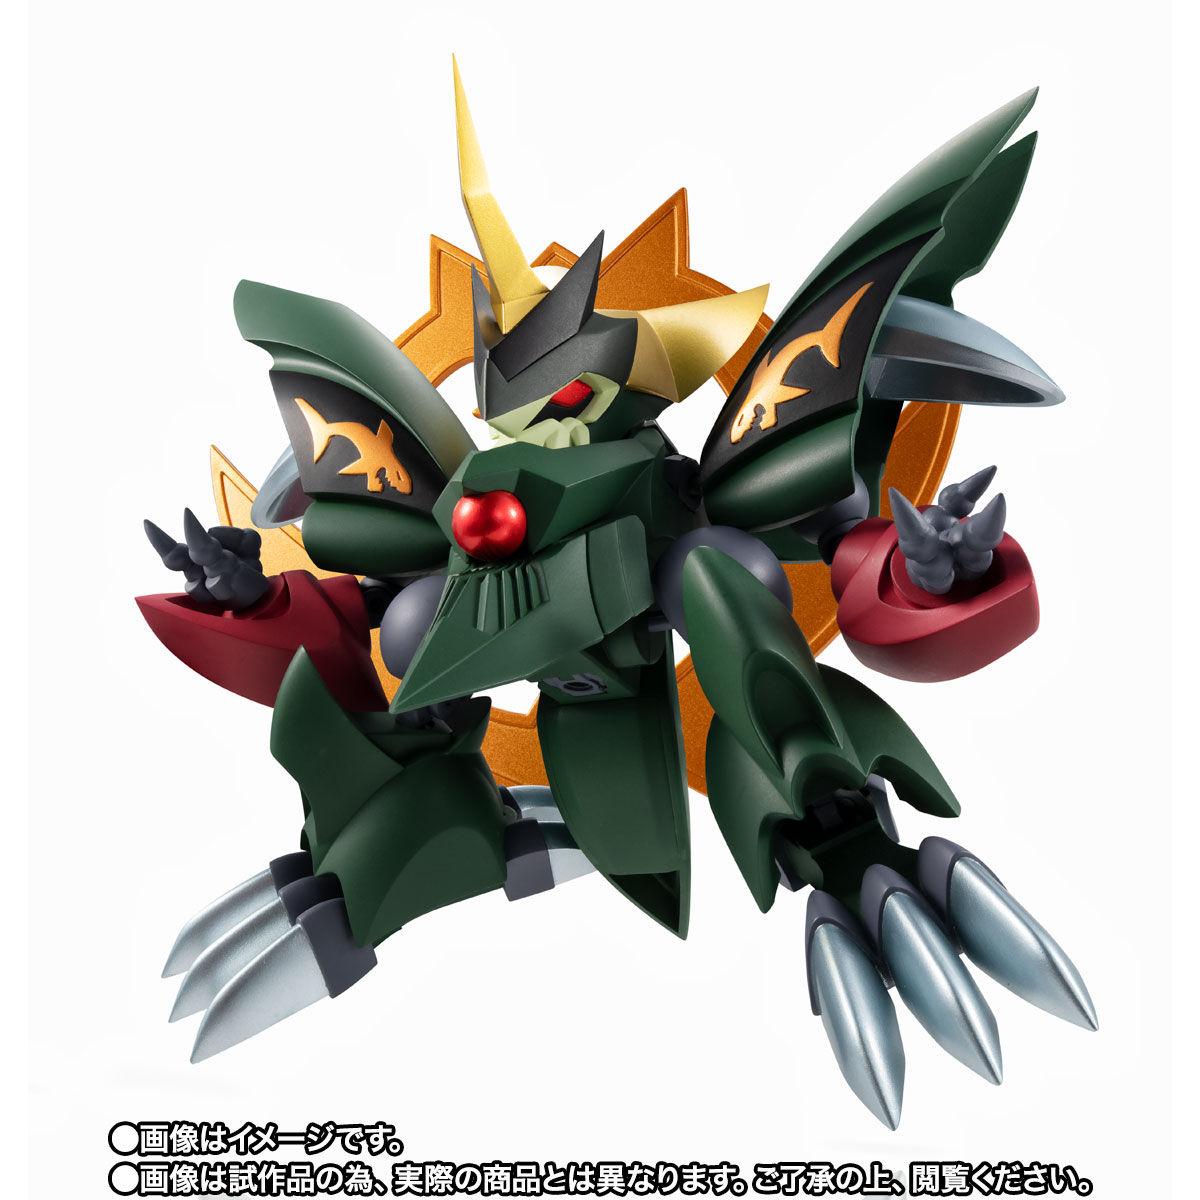 【限定販売】NXEDGE STYLE[MASHIN UNIT]『真・夏鬼丸』魔神英雄伝ワタル2 可動フィギュア-008